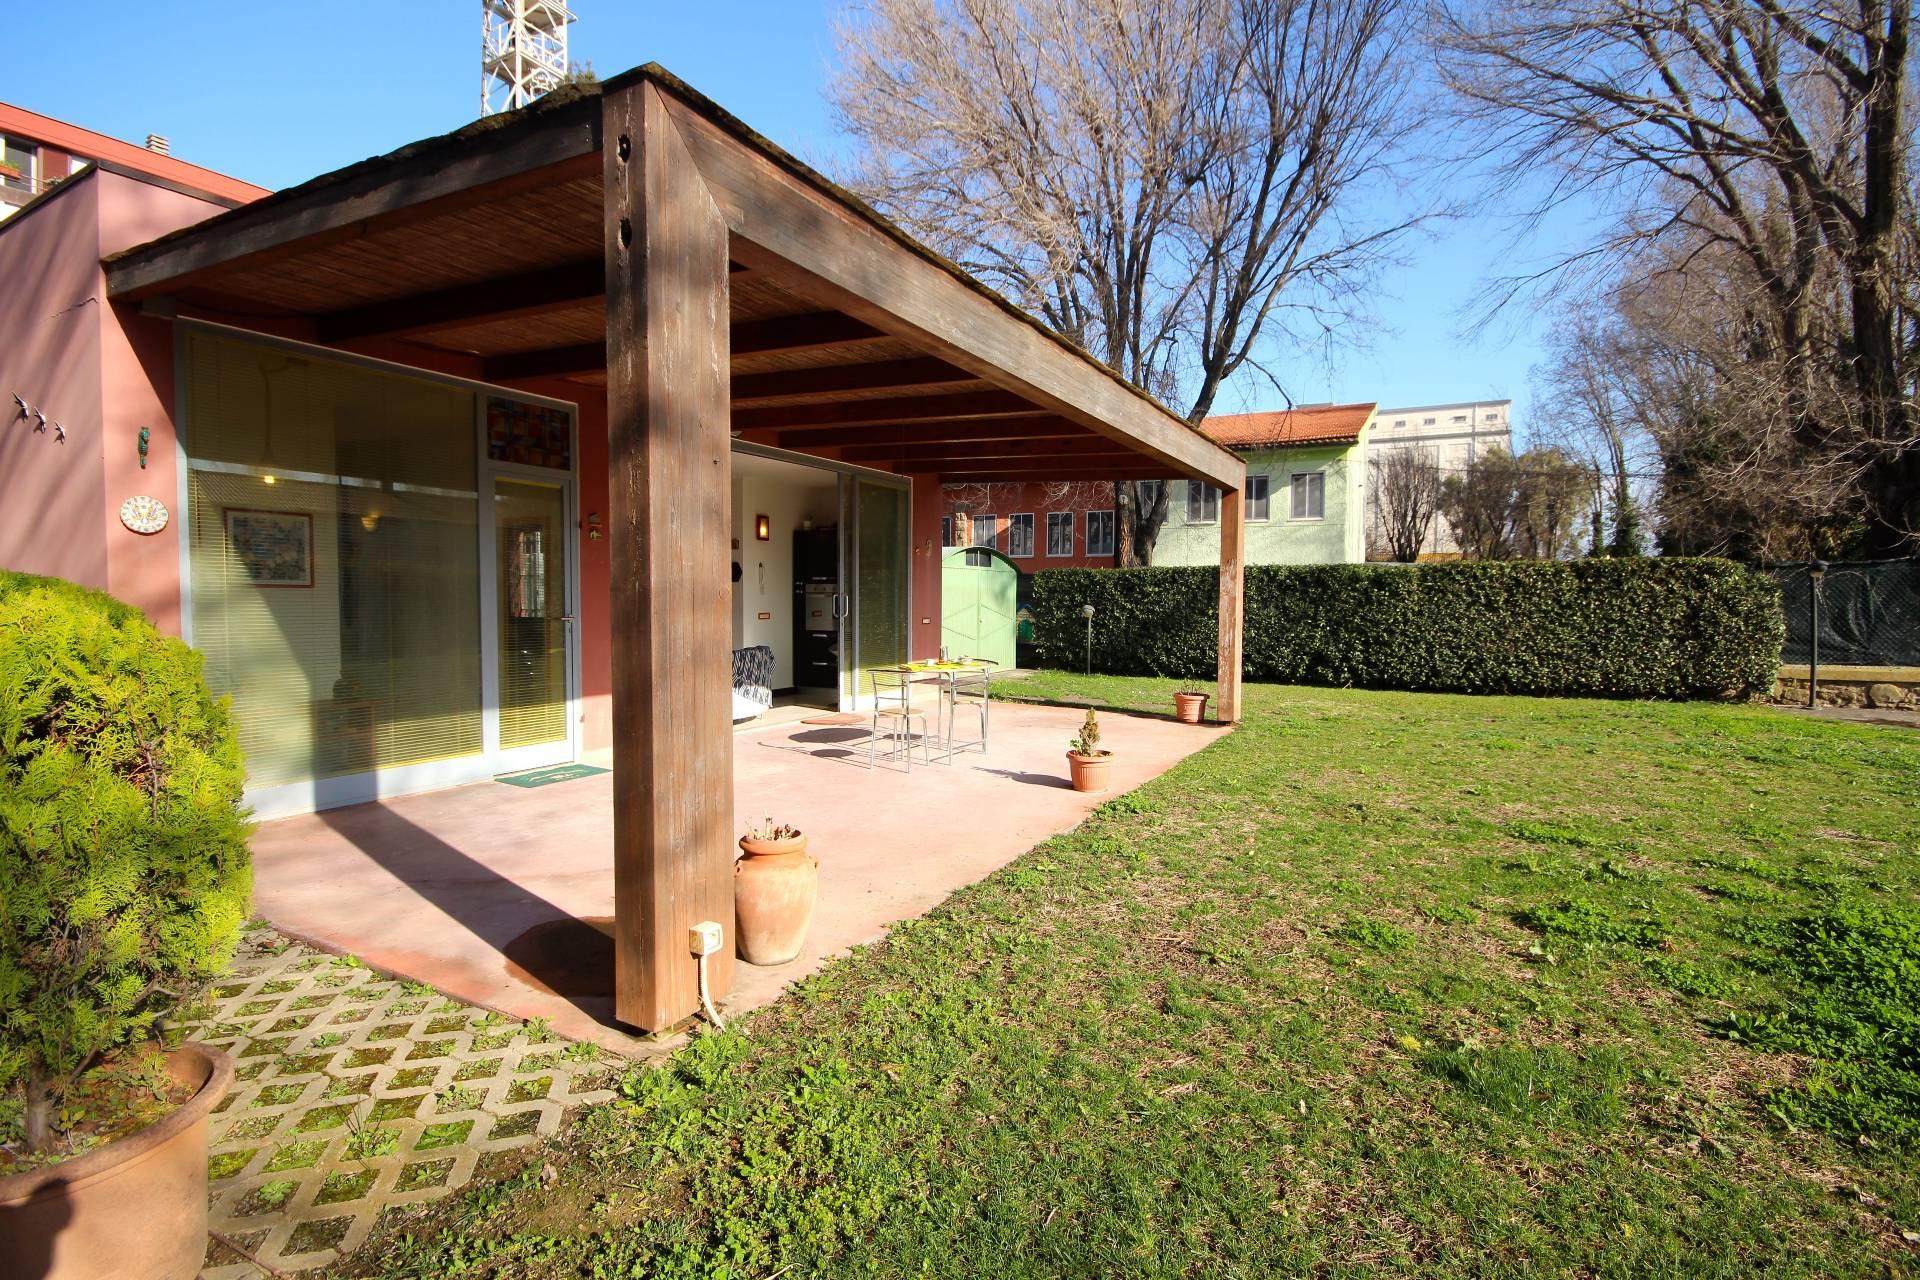 Soluzione Indipendente in vendita a Orbetello, 4 locali, zona Zona: Albinia, prezzo € 230.000 | Cambio Casa.it